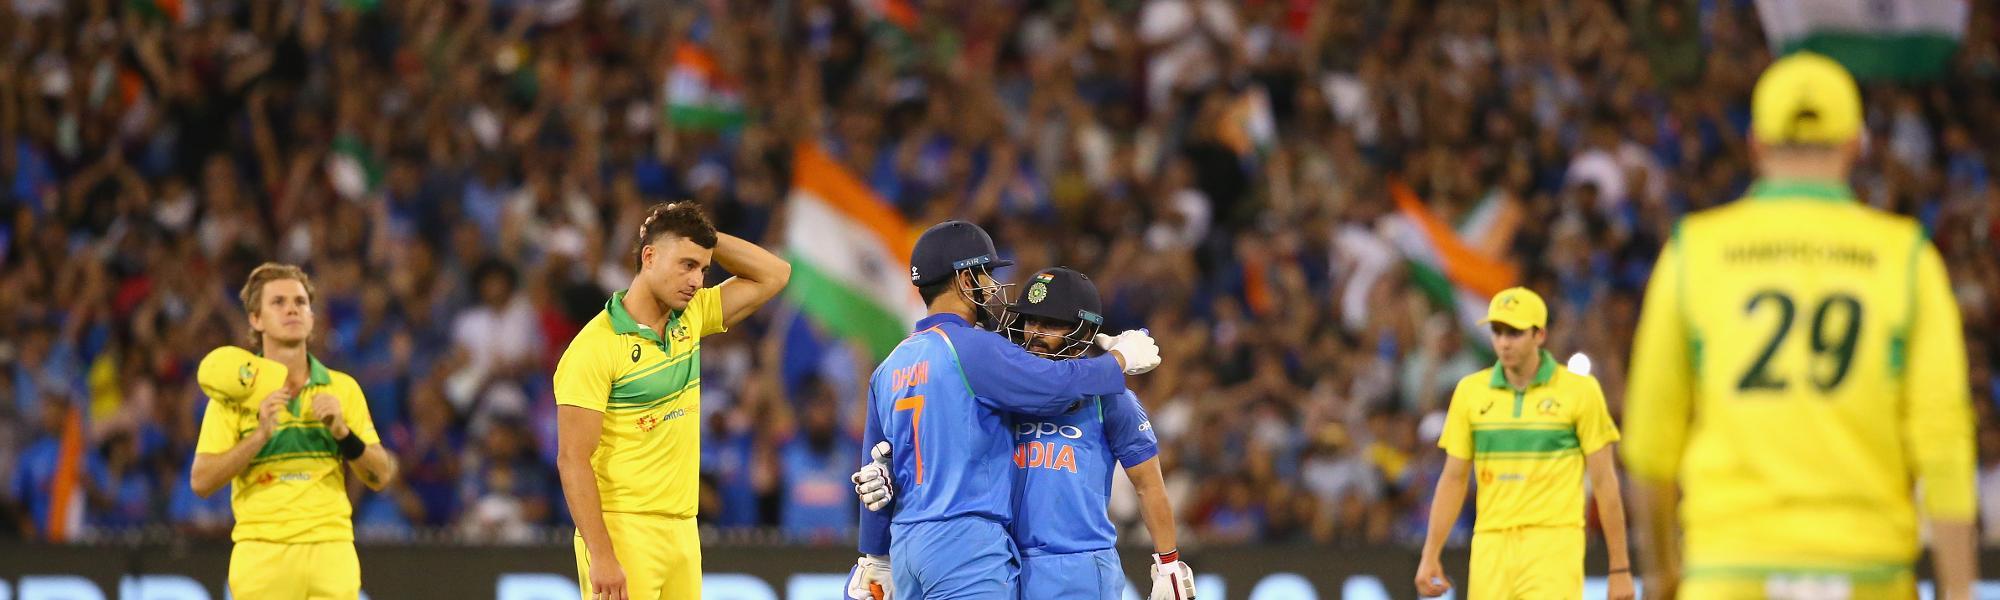 India, Dhoni, Jadhav